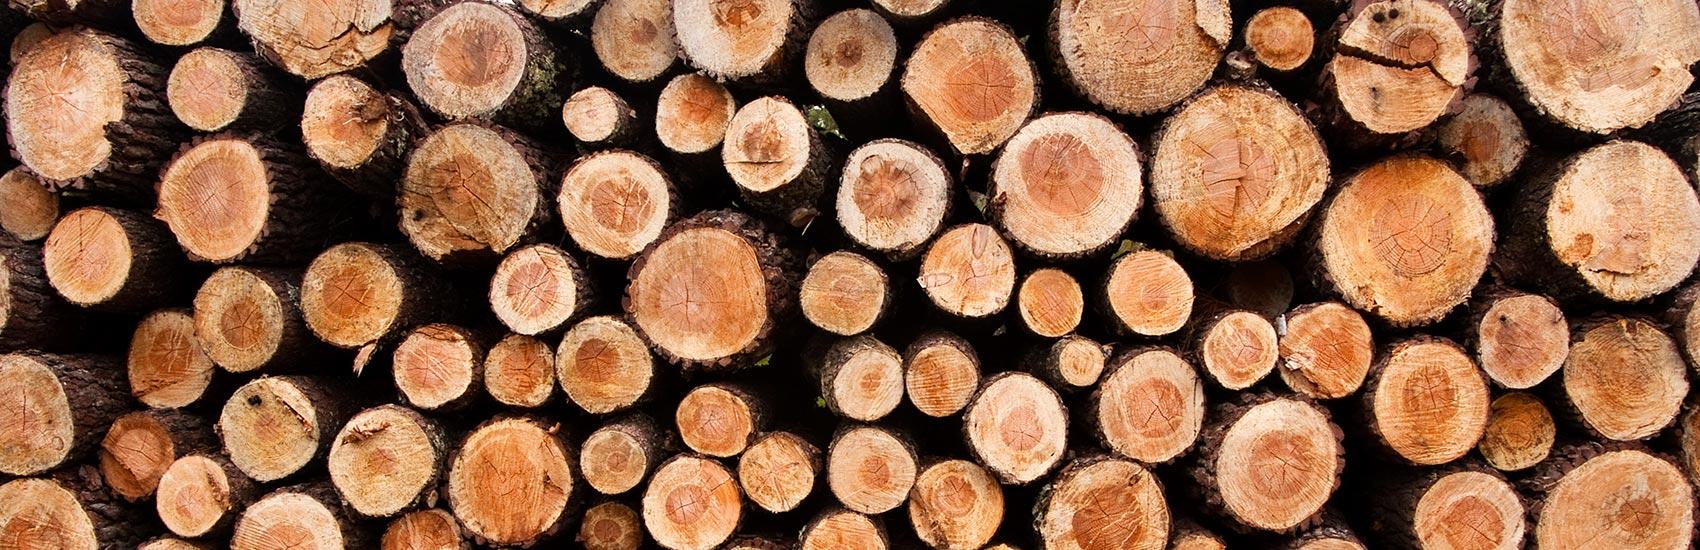 Energieverbund Eschenbach AG, Fernwärme mit Holz